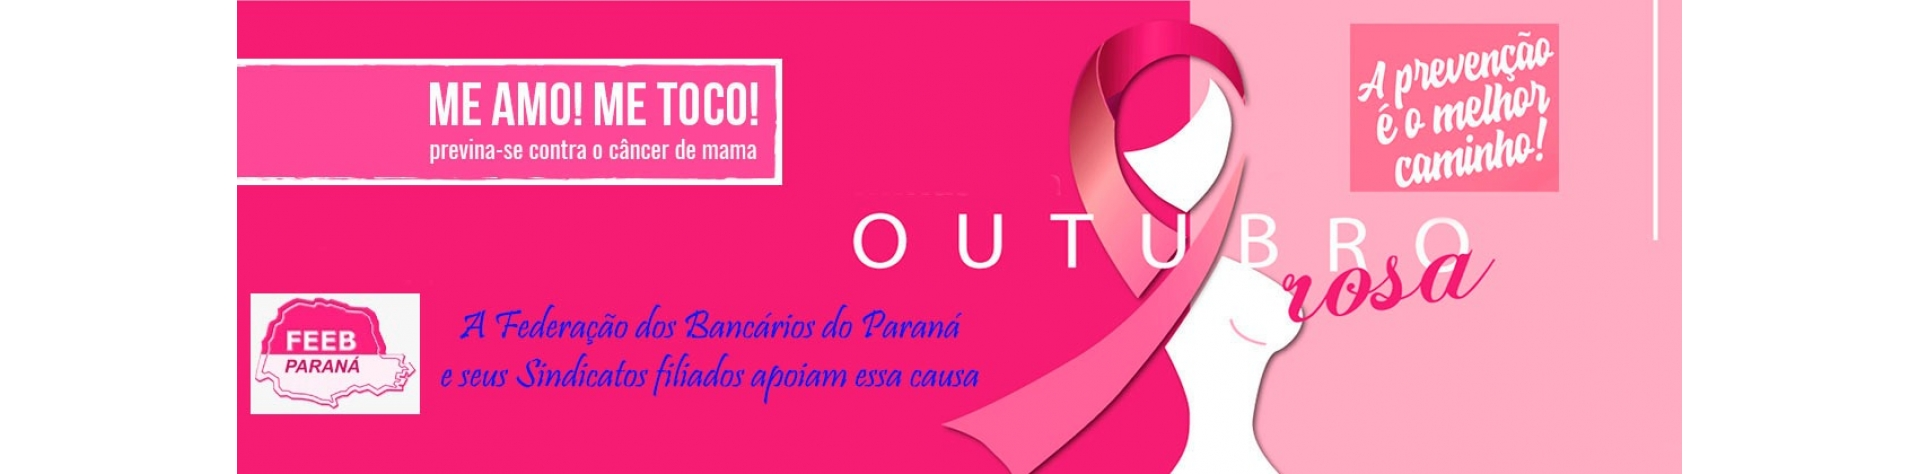 Outubro Rosa - A prevenção é o melhor caminho!